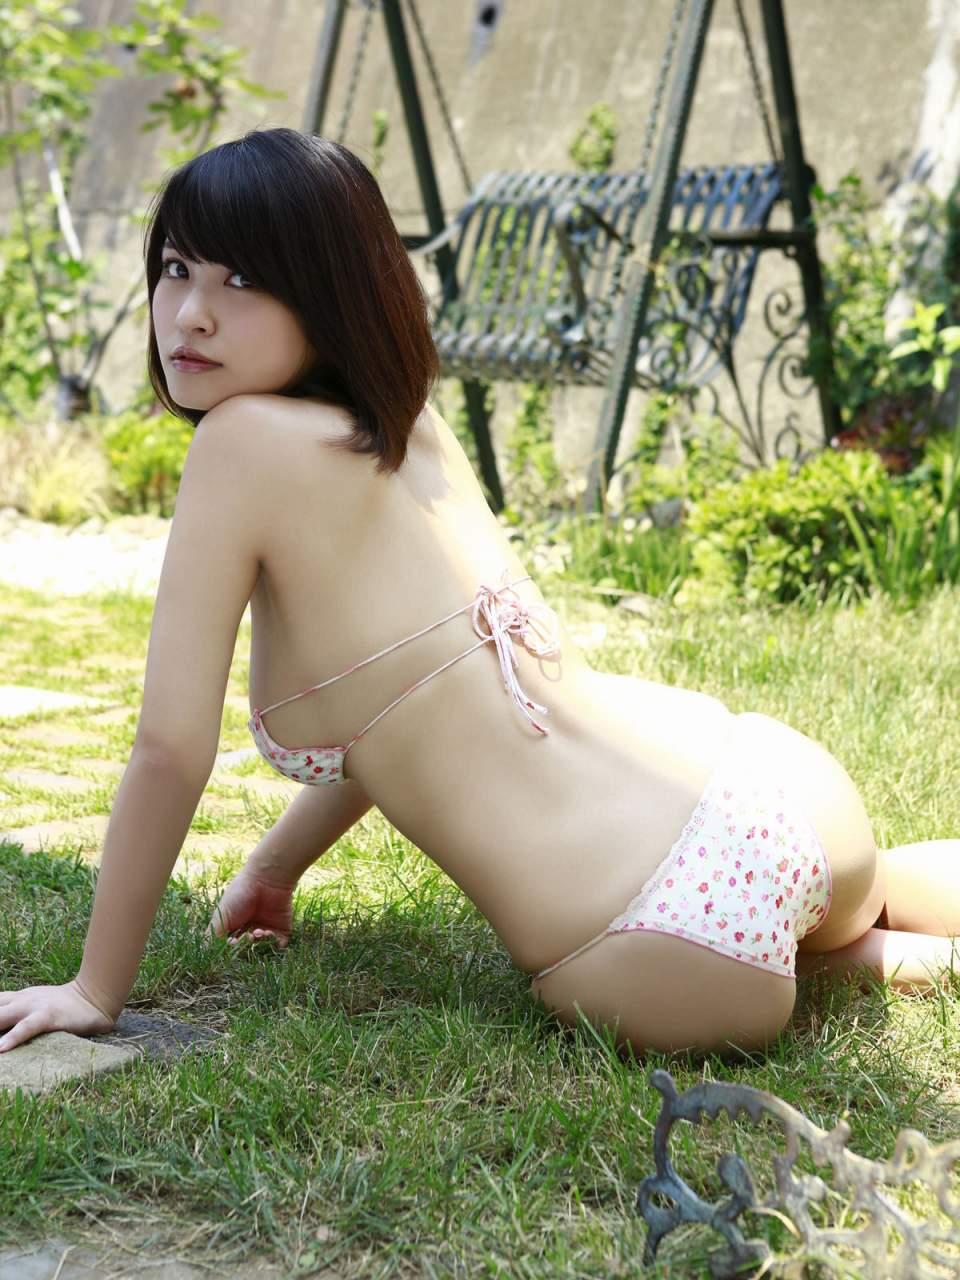 岸明日香(23) 可愛い花柄水着からハミ出たプリップリ巨乳と美尻。画像×25